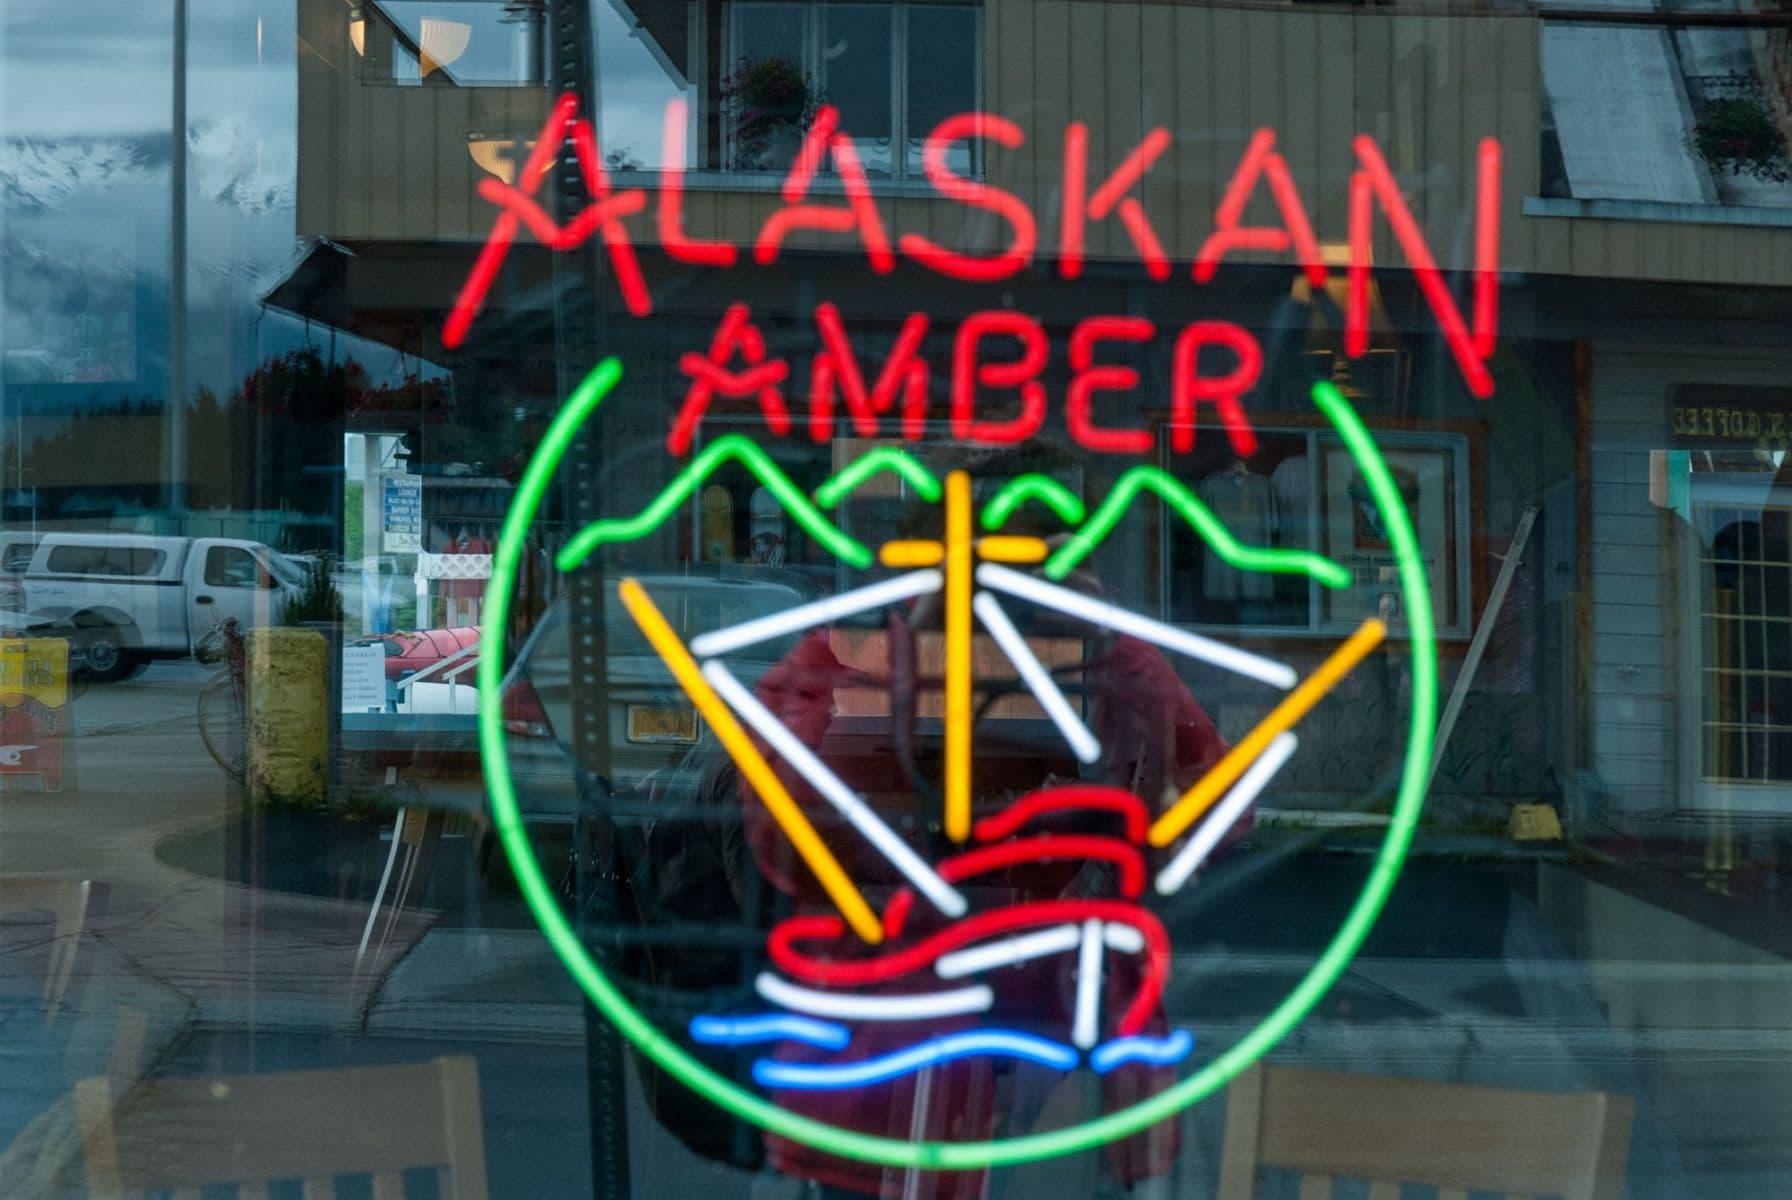 MichelAycaguer-Alaska bleu gris vert-2010-16